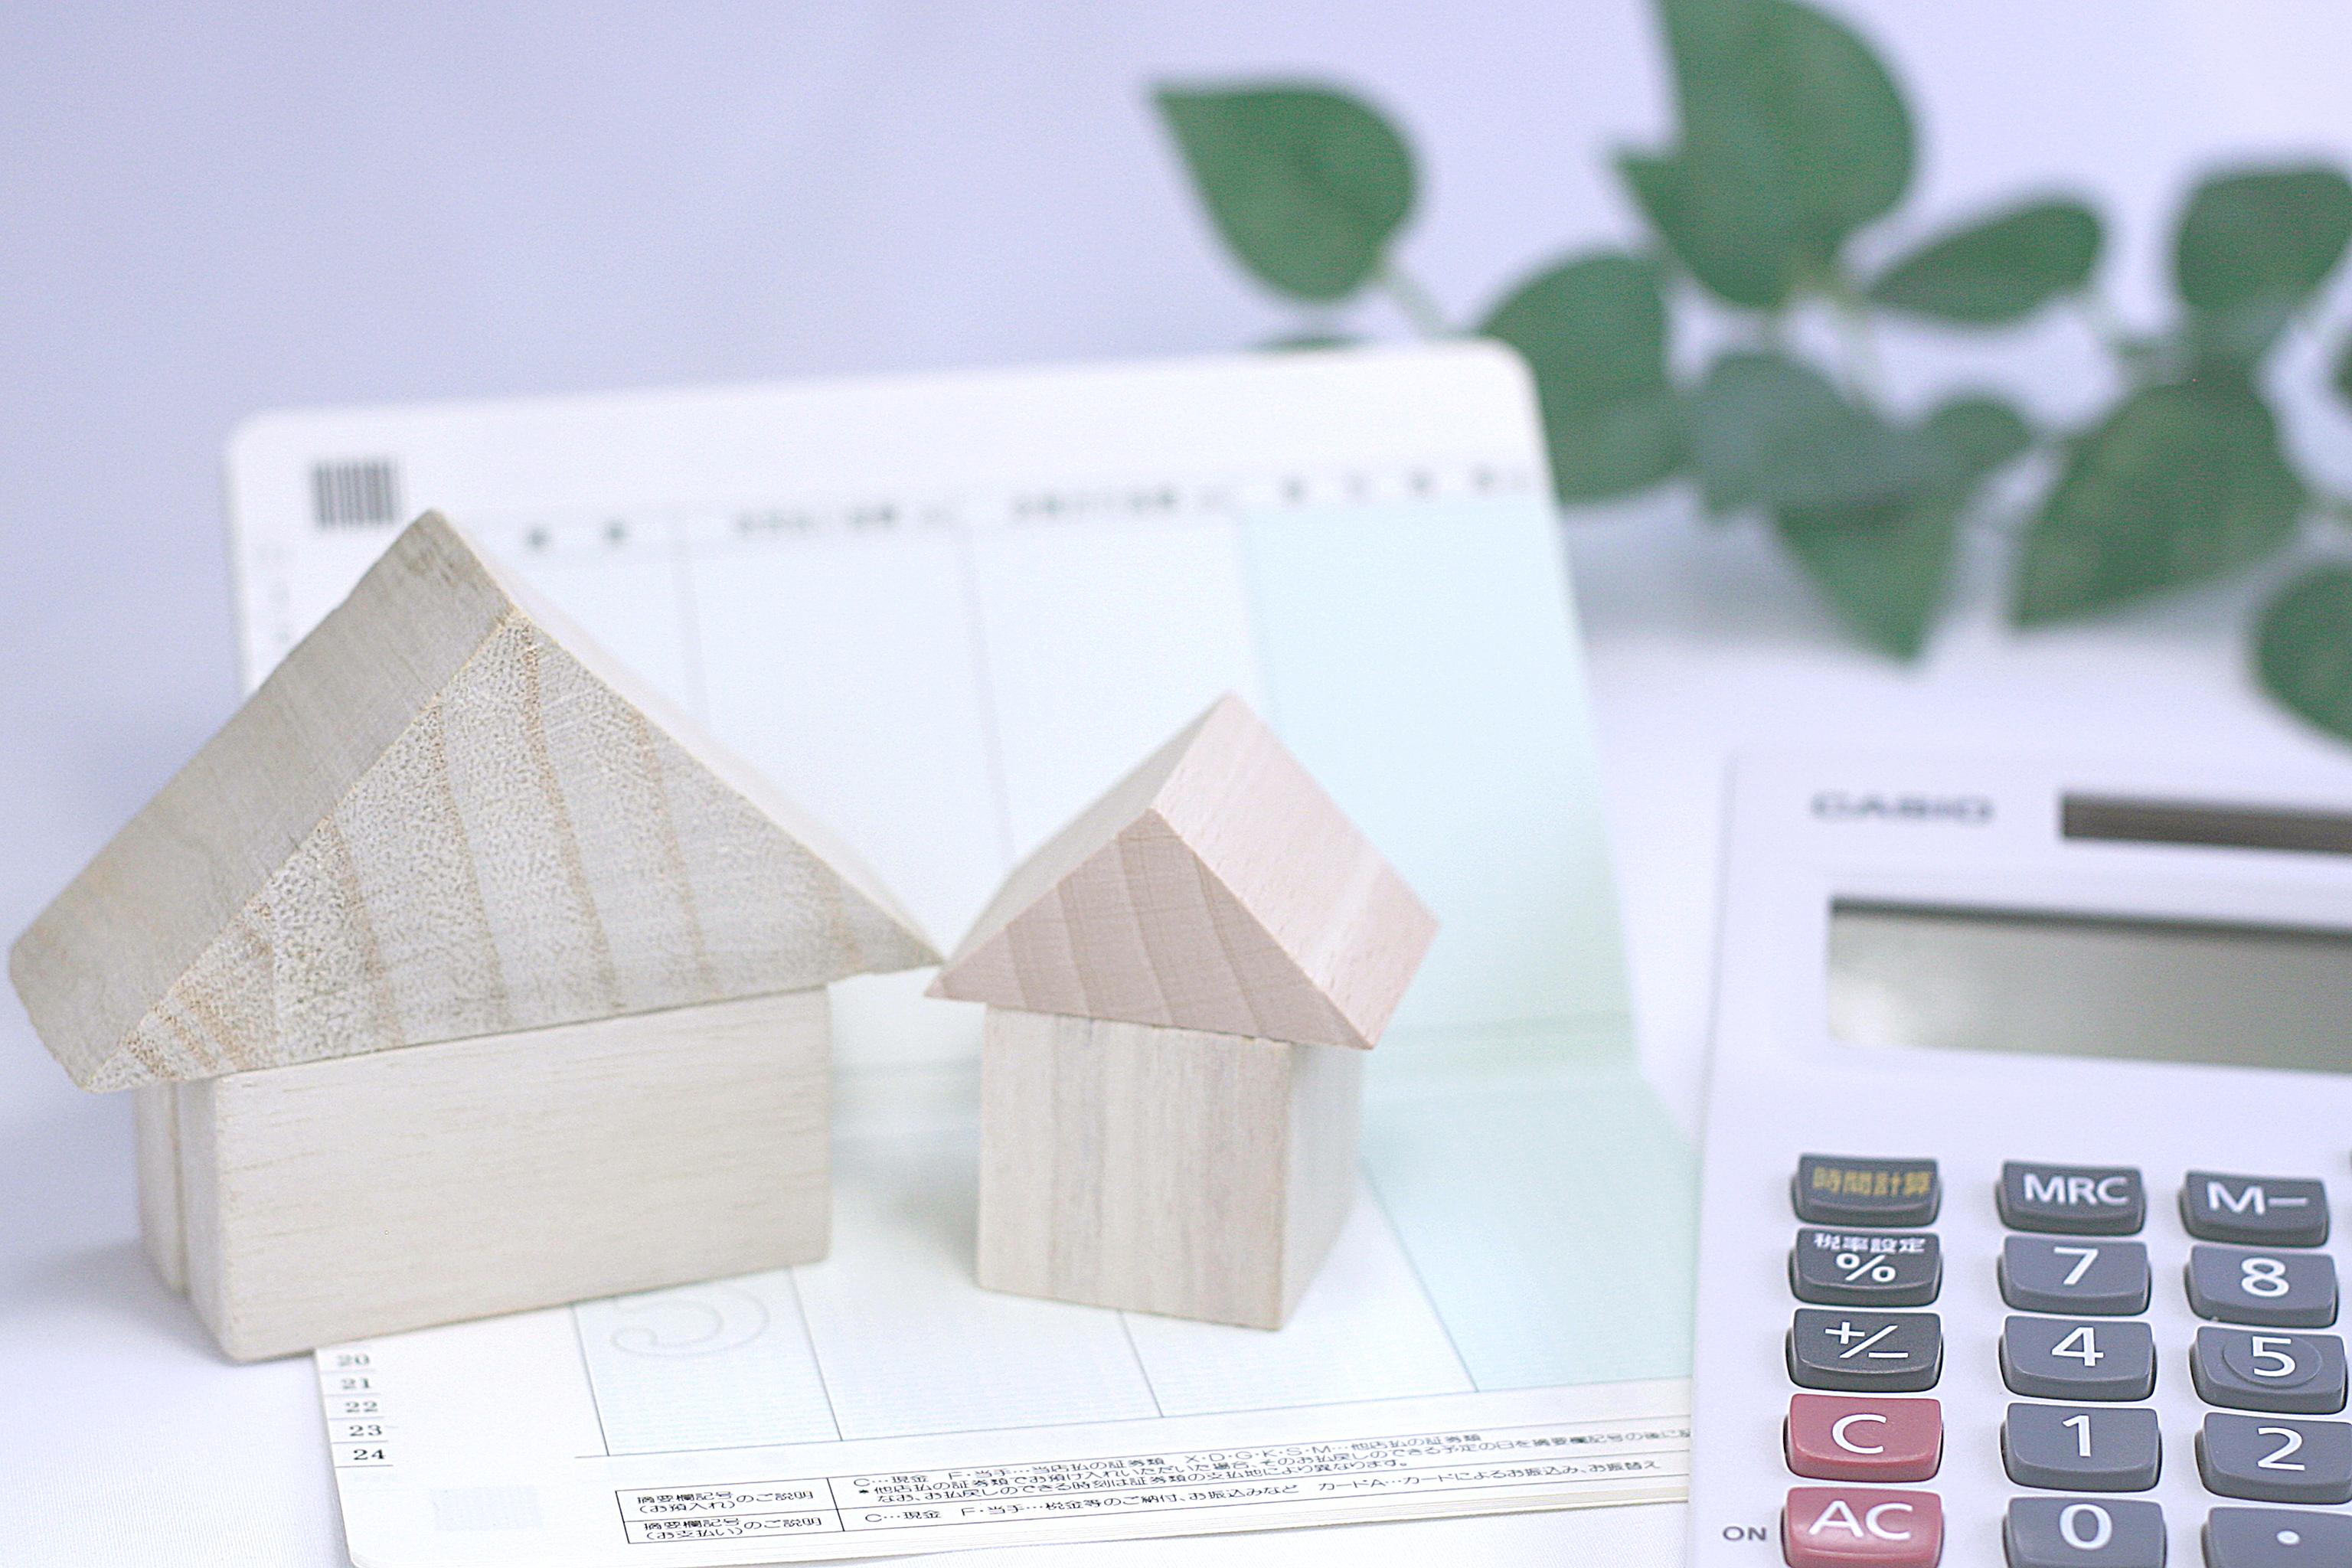 借地権付き物件でも住宅ローンは借りられる